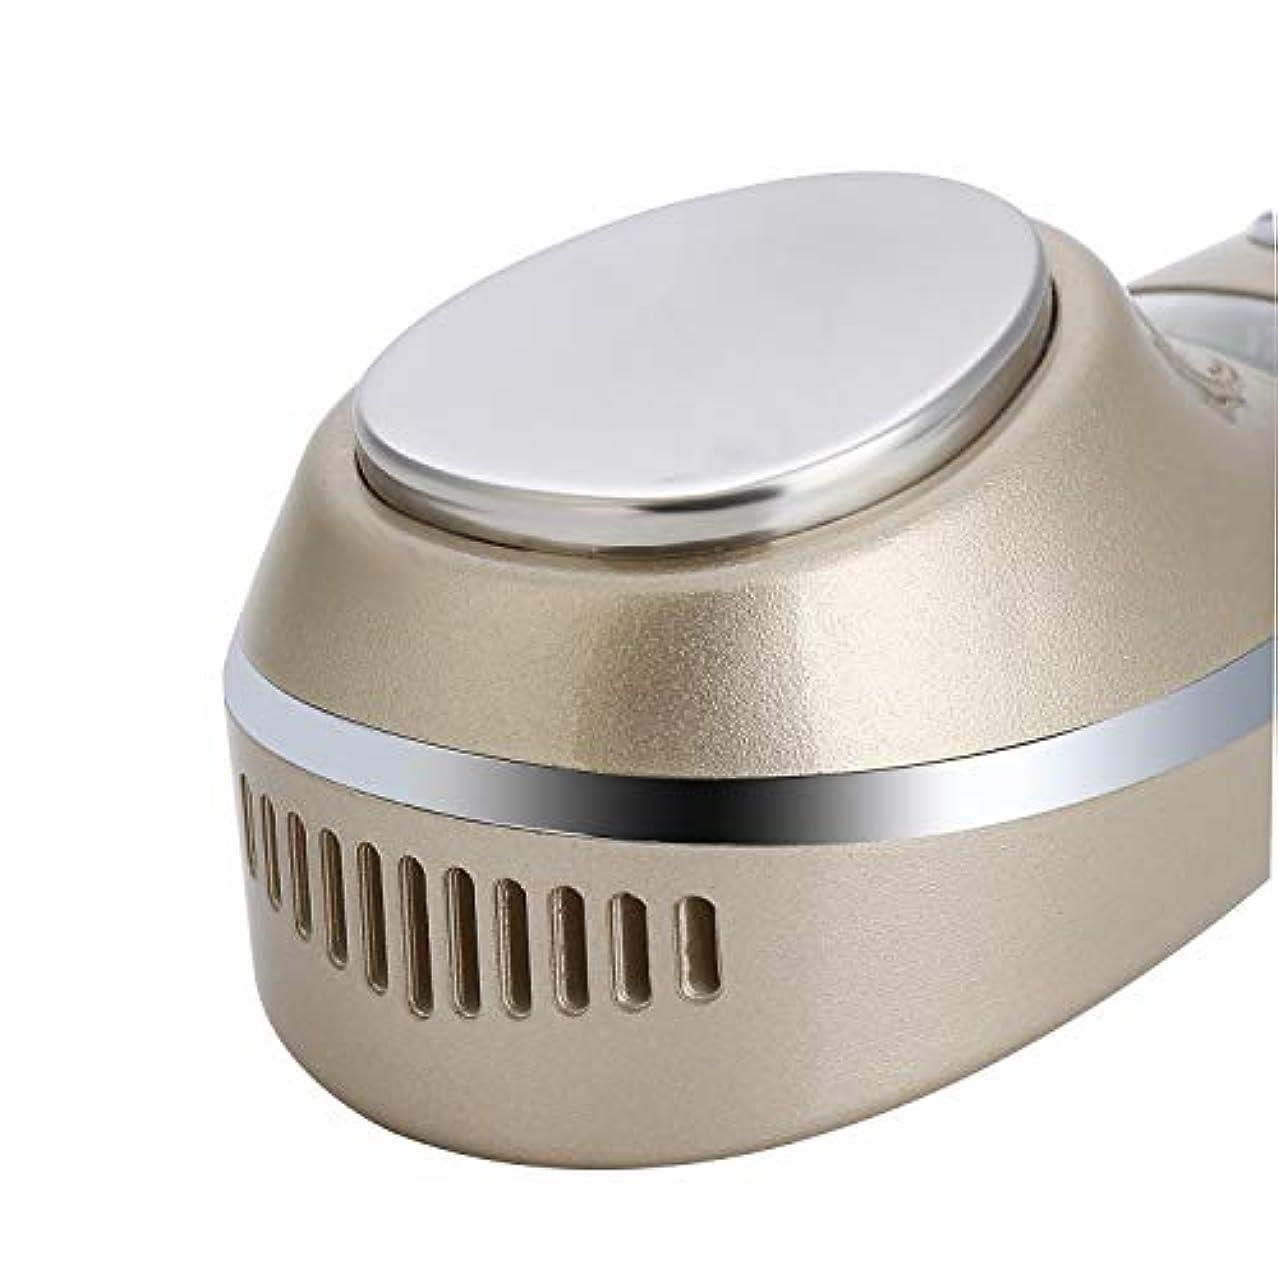 提供素晴らしき記録USBの美機械の熱い風邪rの顔のマッサージャーの皮は気孔の収縮をきつく締めます